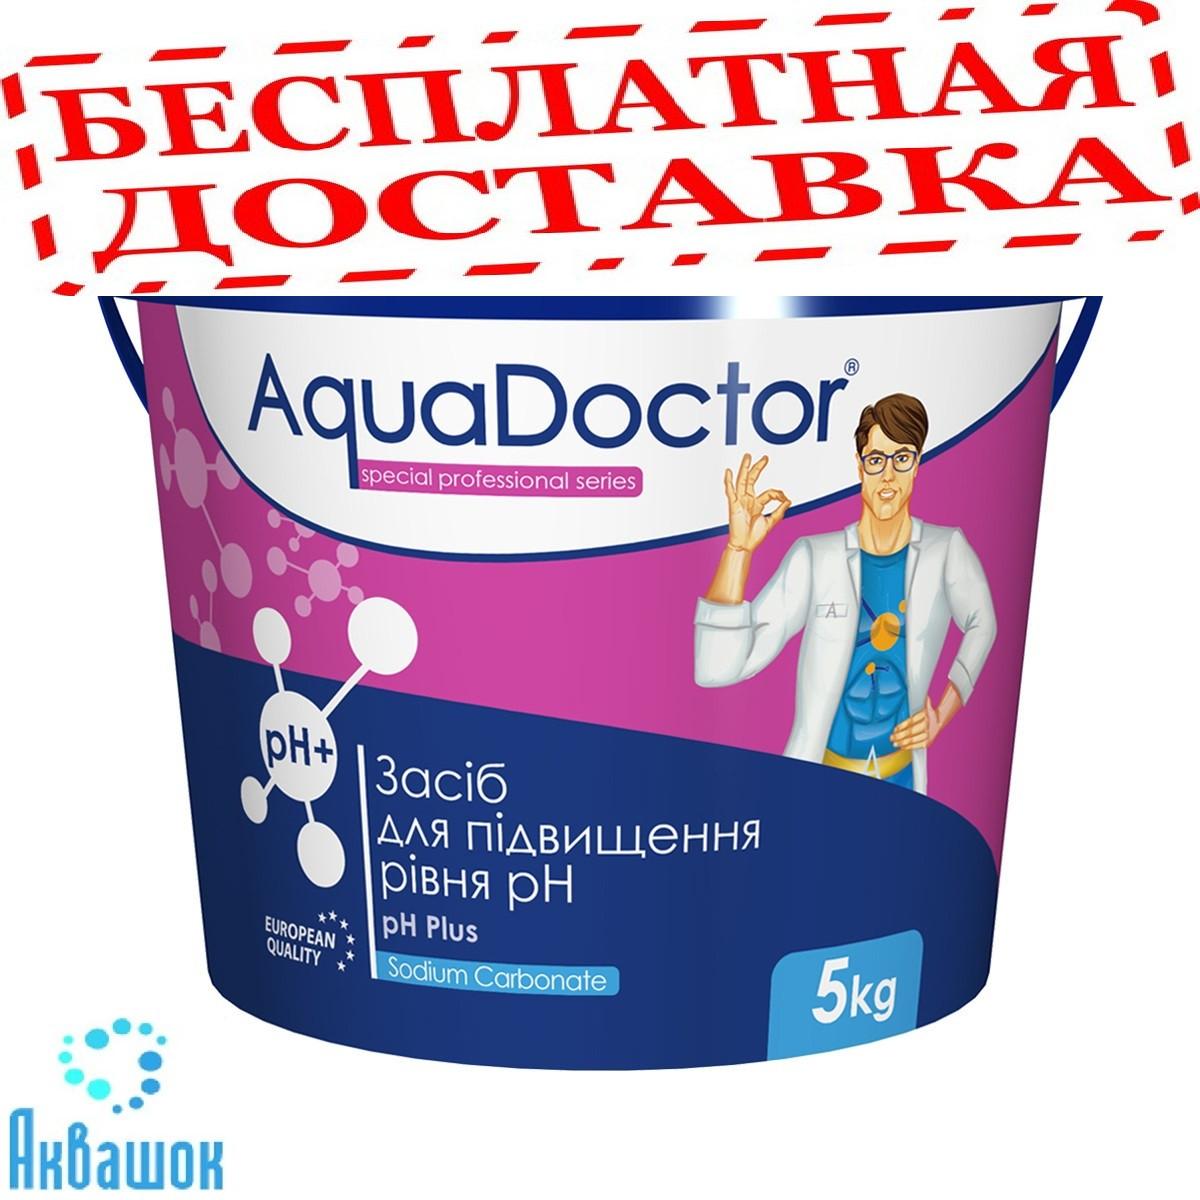 AquaDoctor pH плюс 5 кг (гранулы)